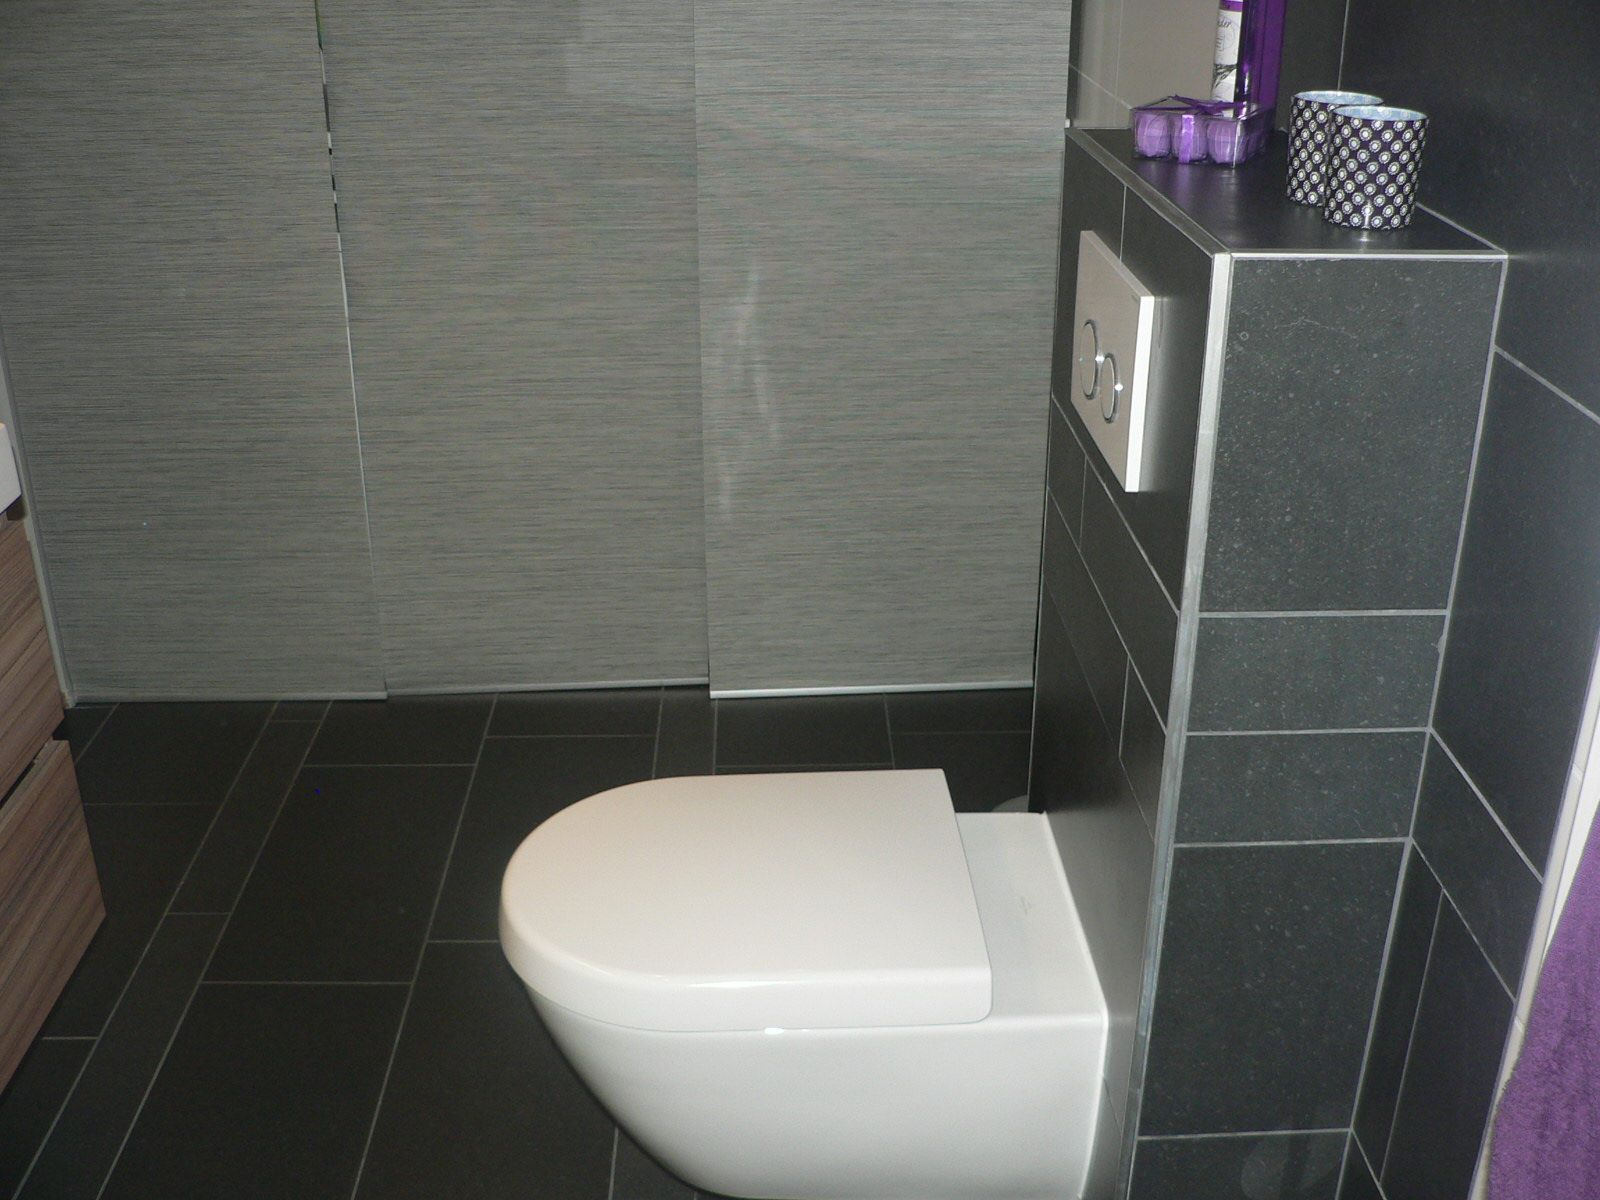 Zelf een hangtoilet plaatsen doe het zelf pinterest doe het zelf zoeken en ontwerp - Rustieke wc ...